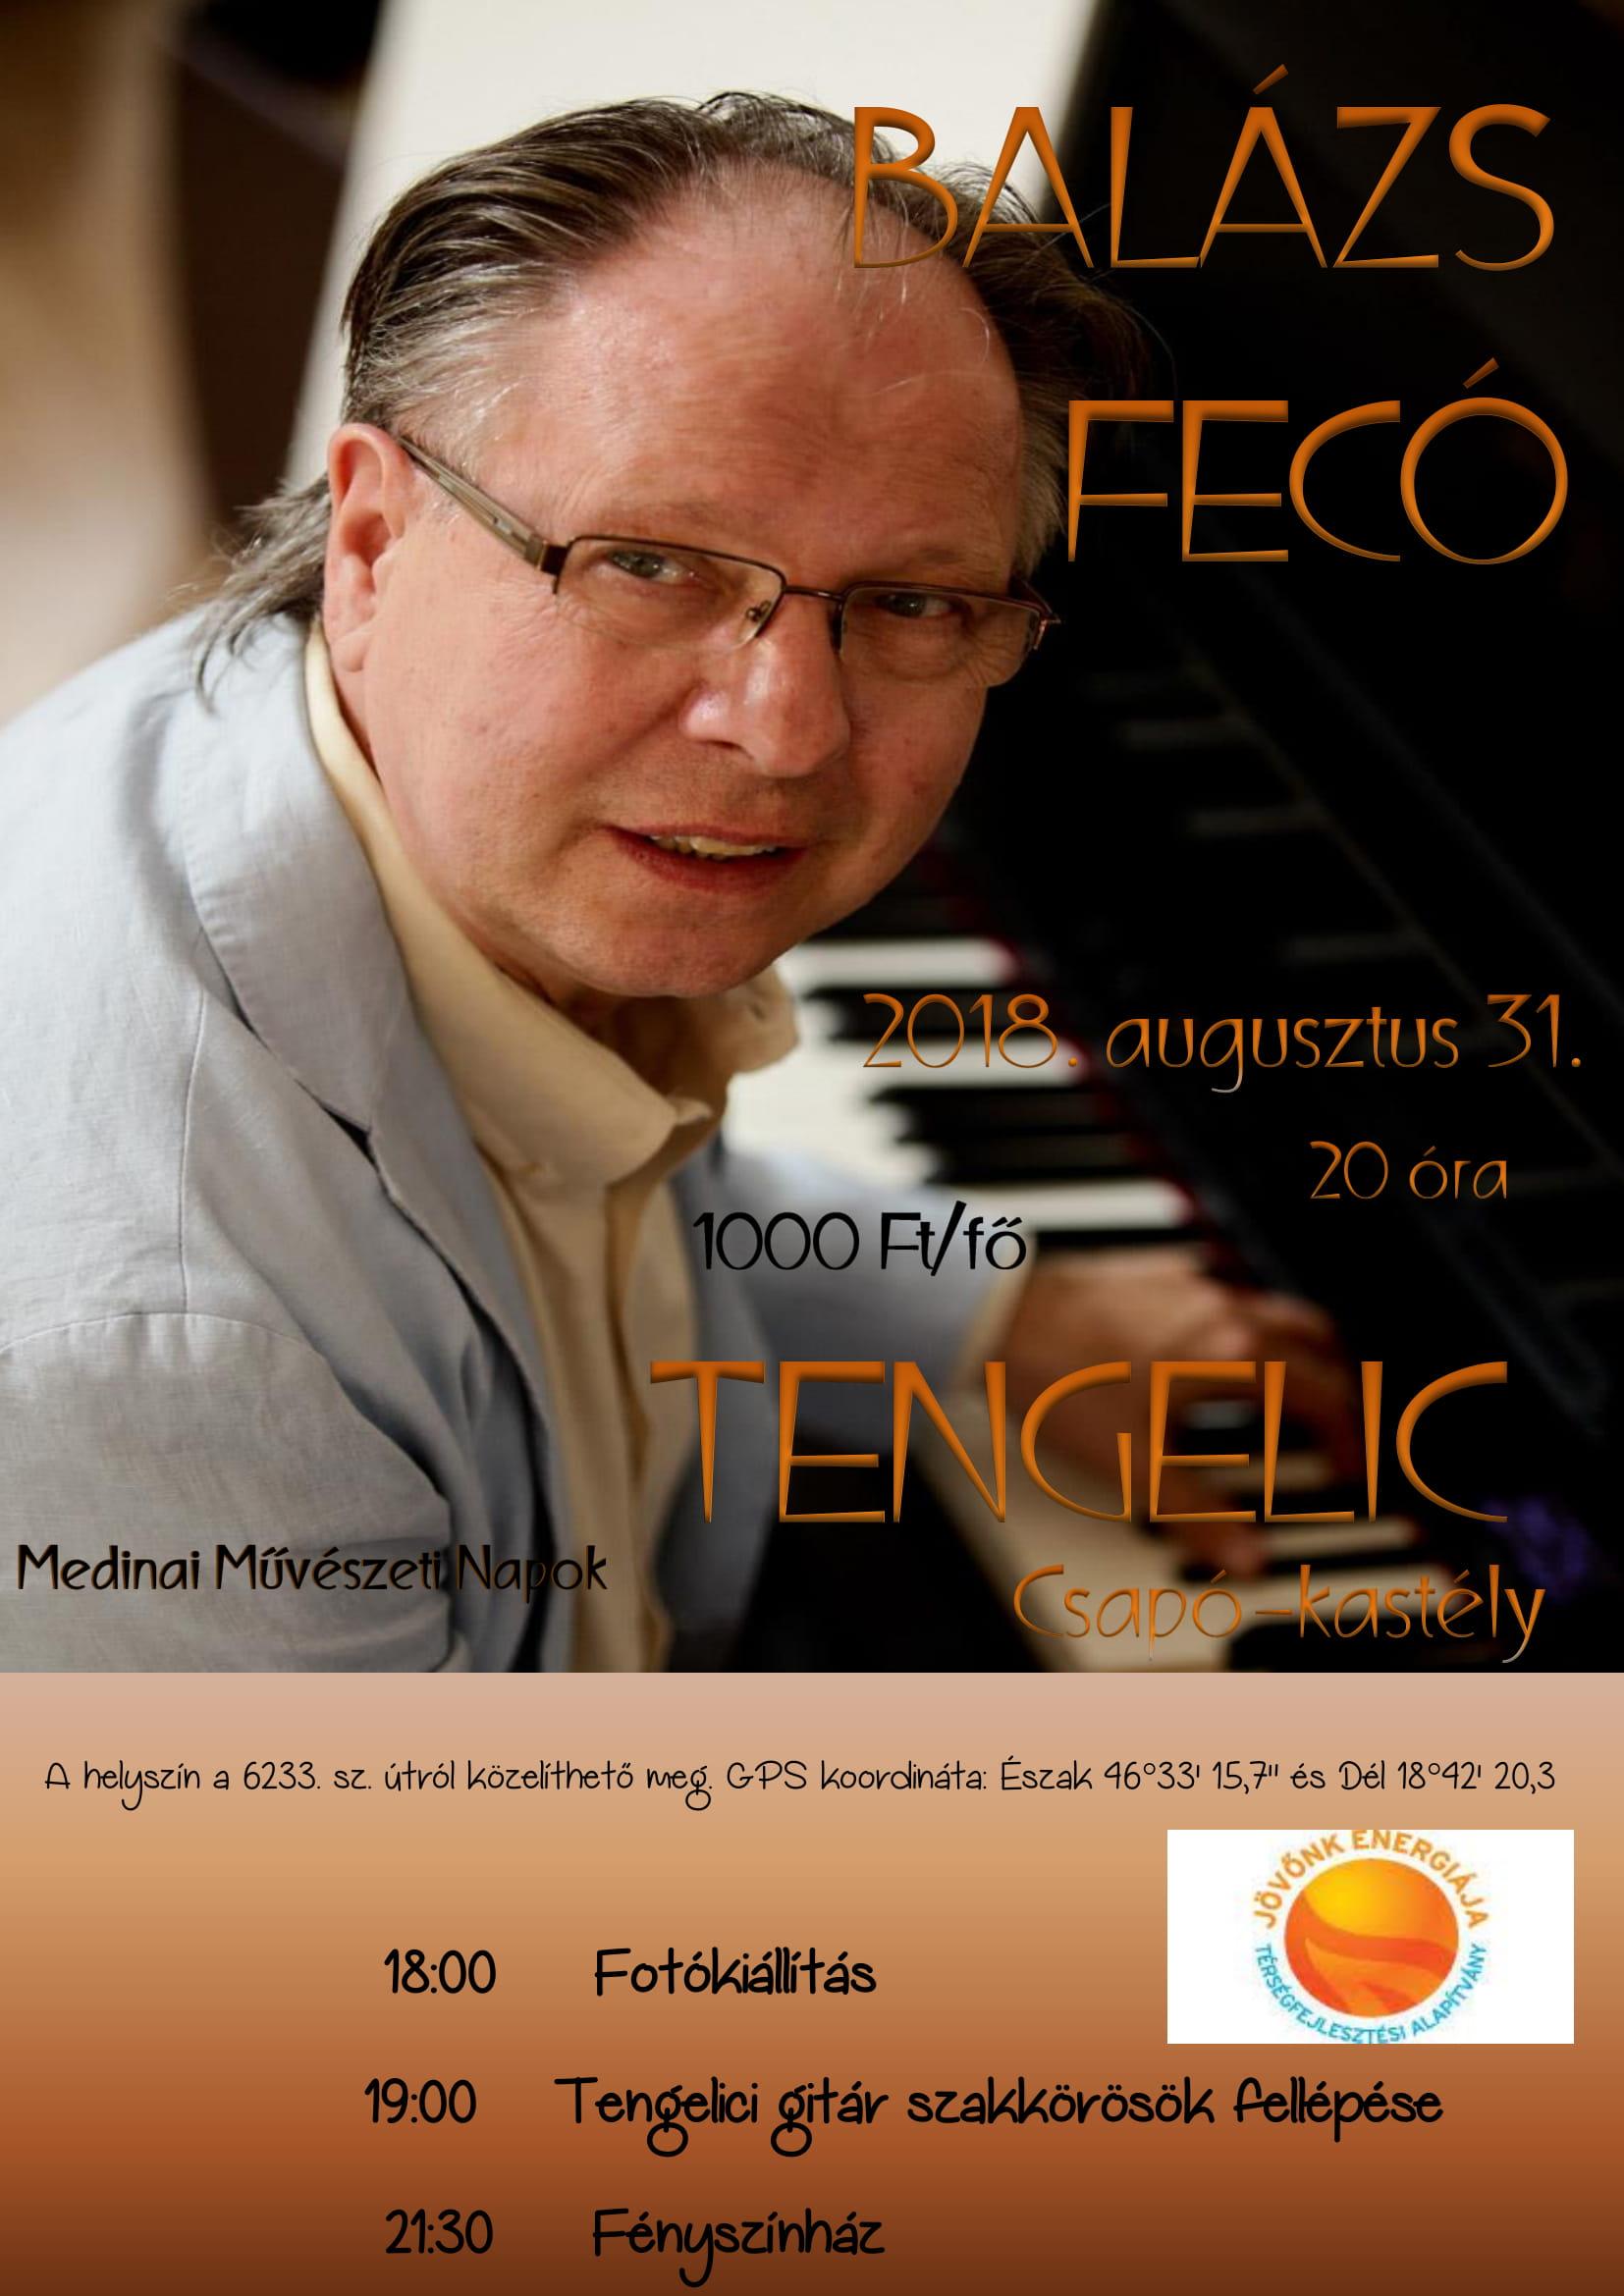 Balázs Fecó-1